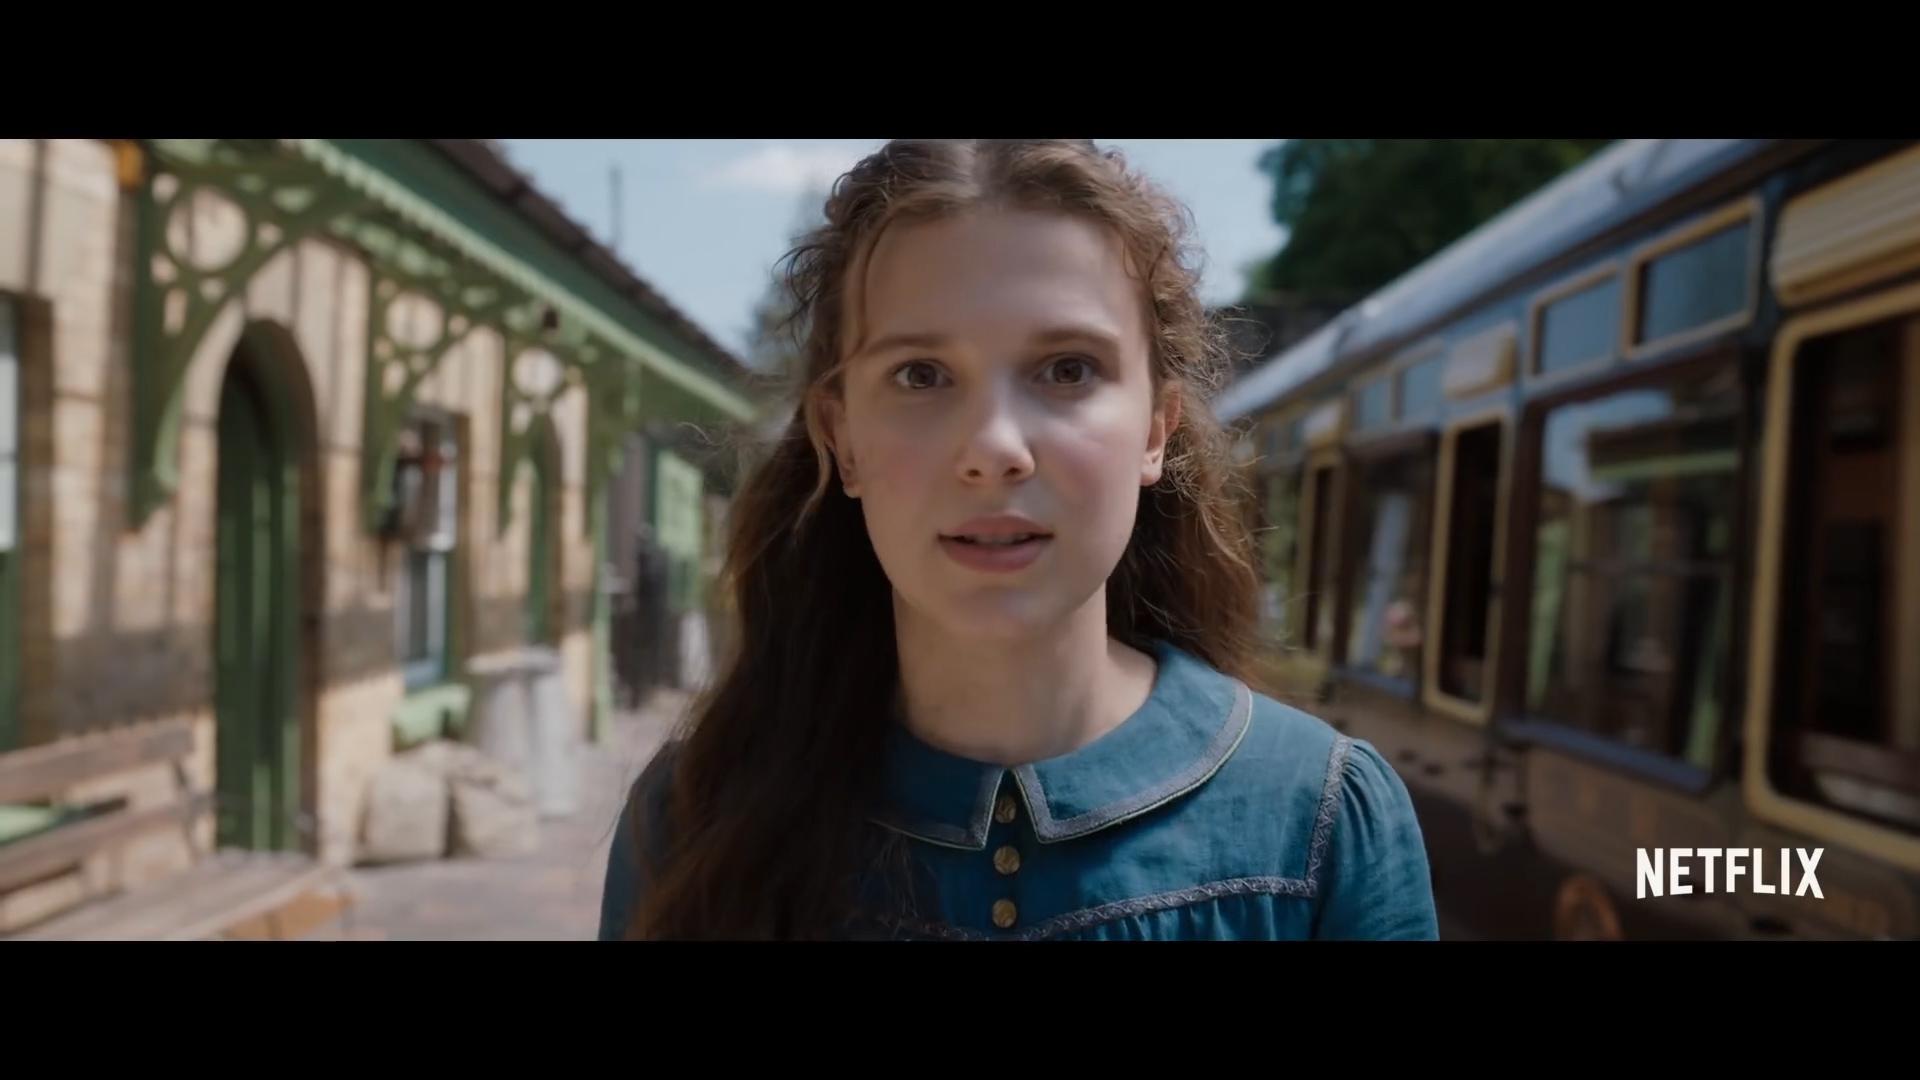 [1] Enola Holmes - Official Trailer